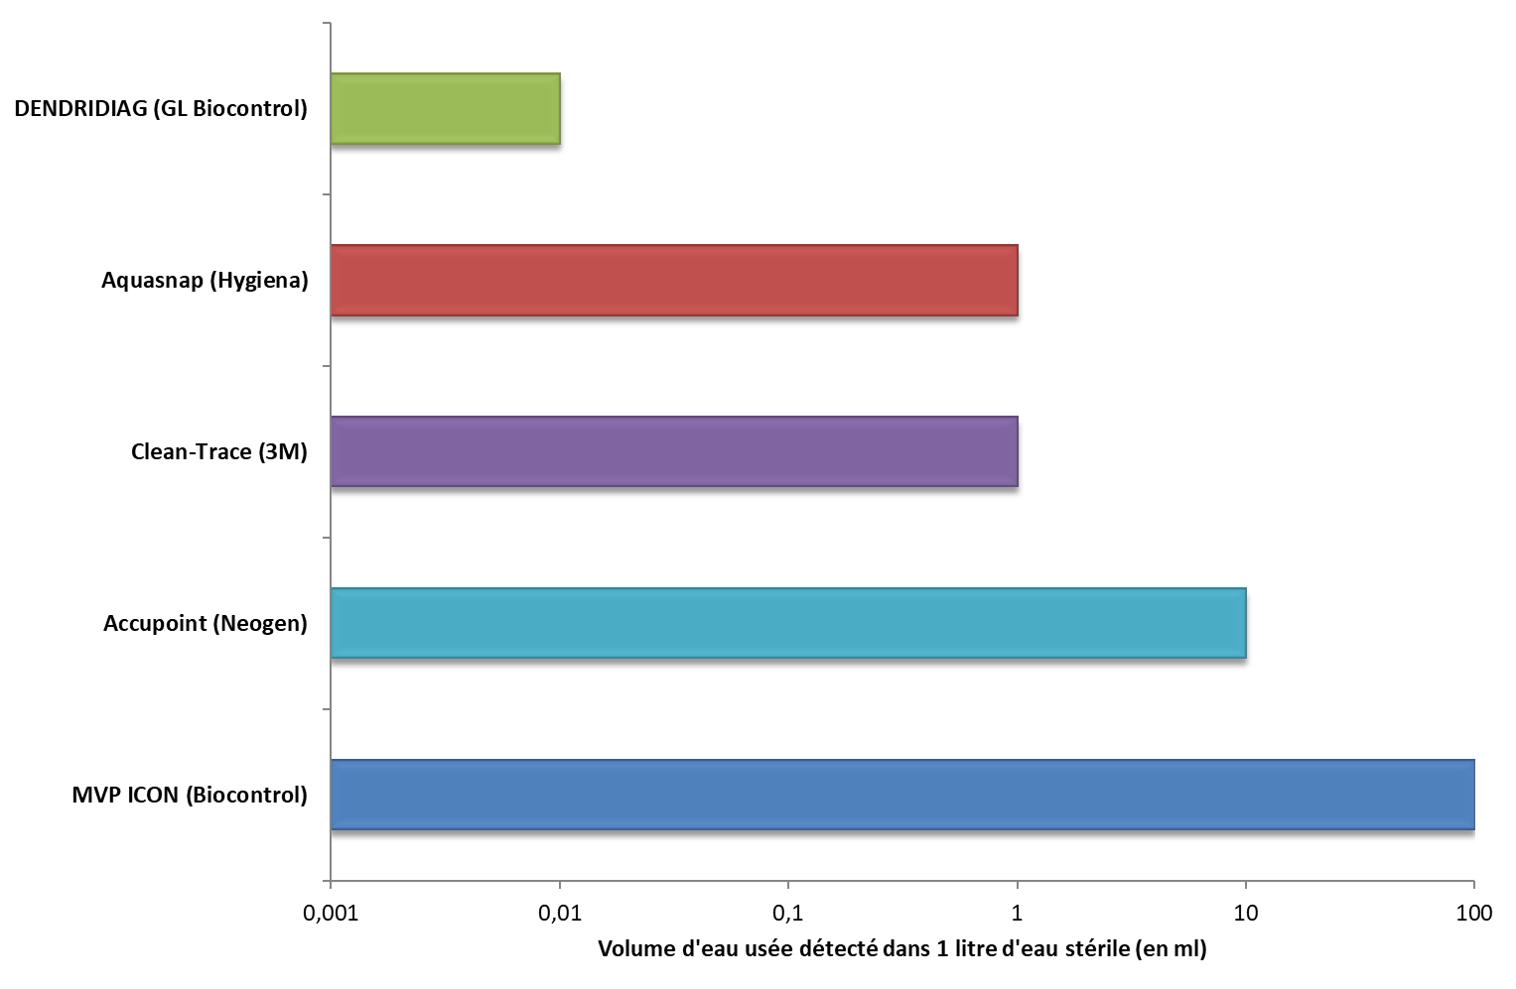 Comparaison des kits d'ATPmétrie - sensibilité